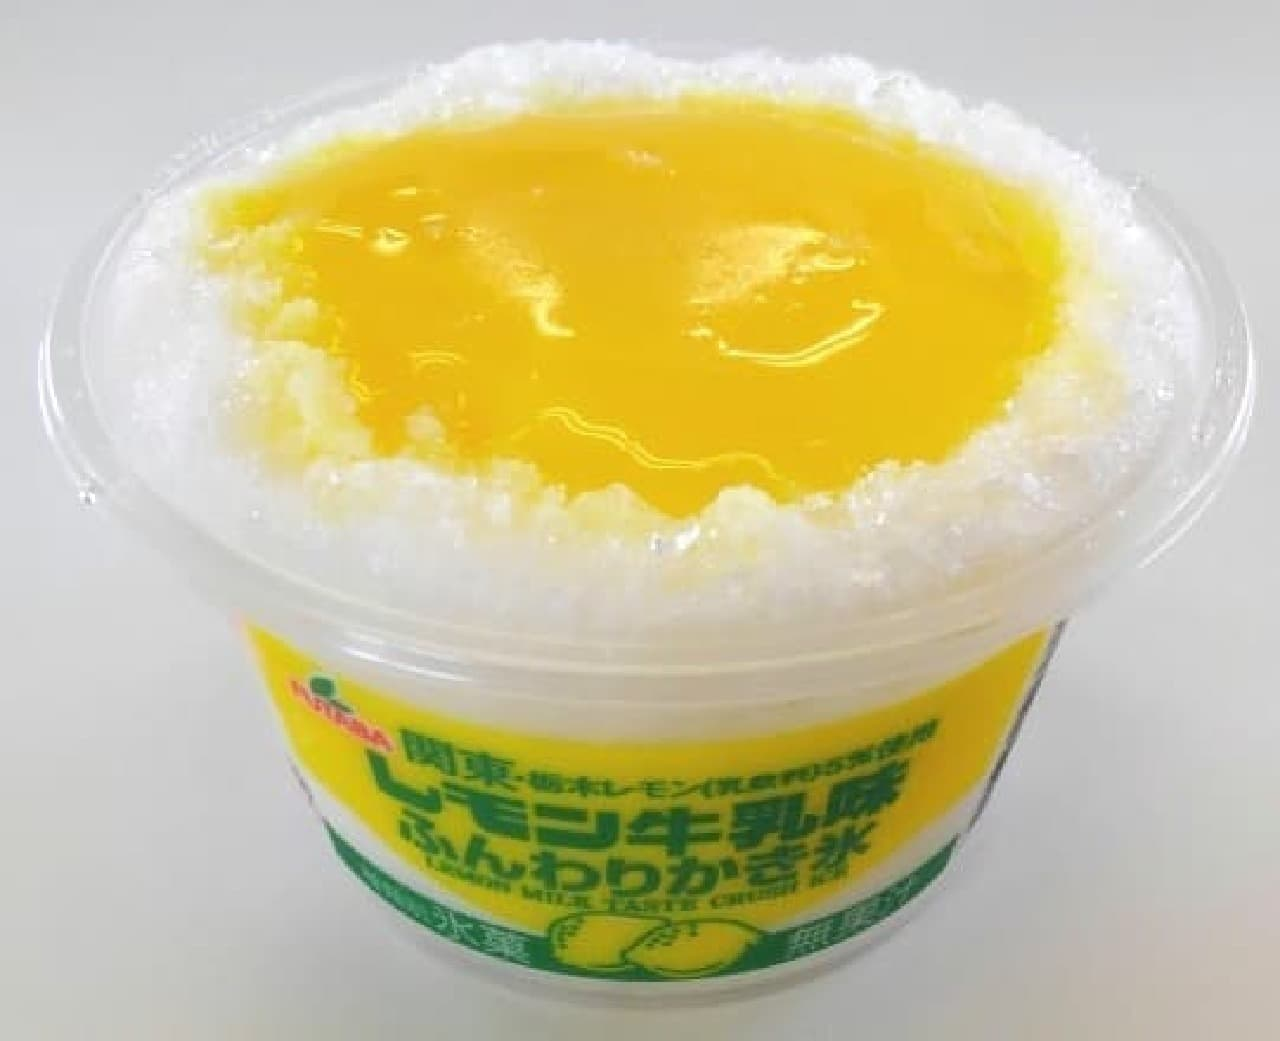 サークルKサンクス「レモン牛乳味ふんわりかき氷」の中身